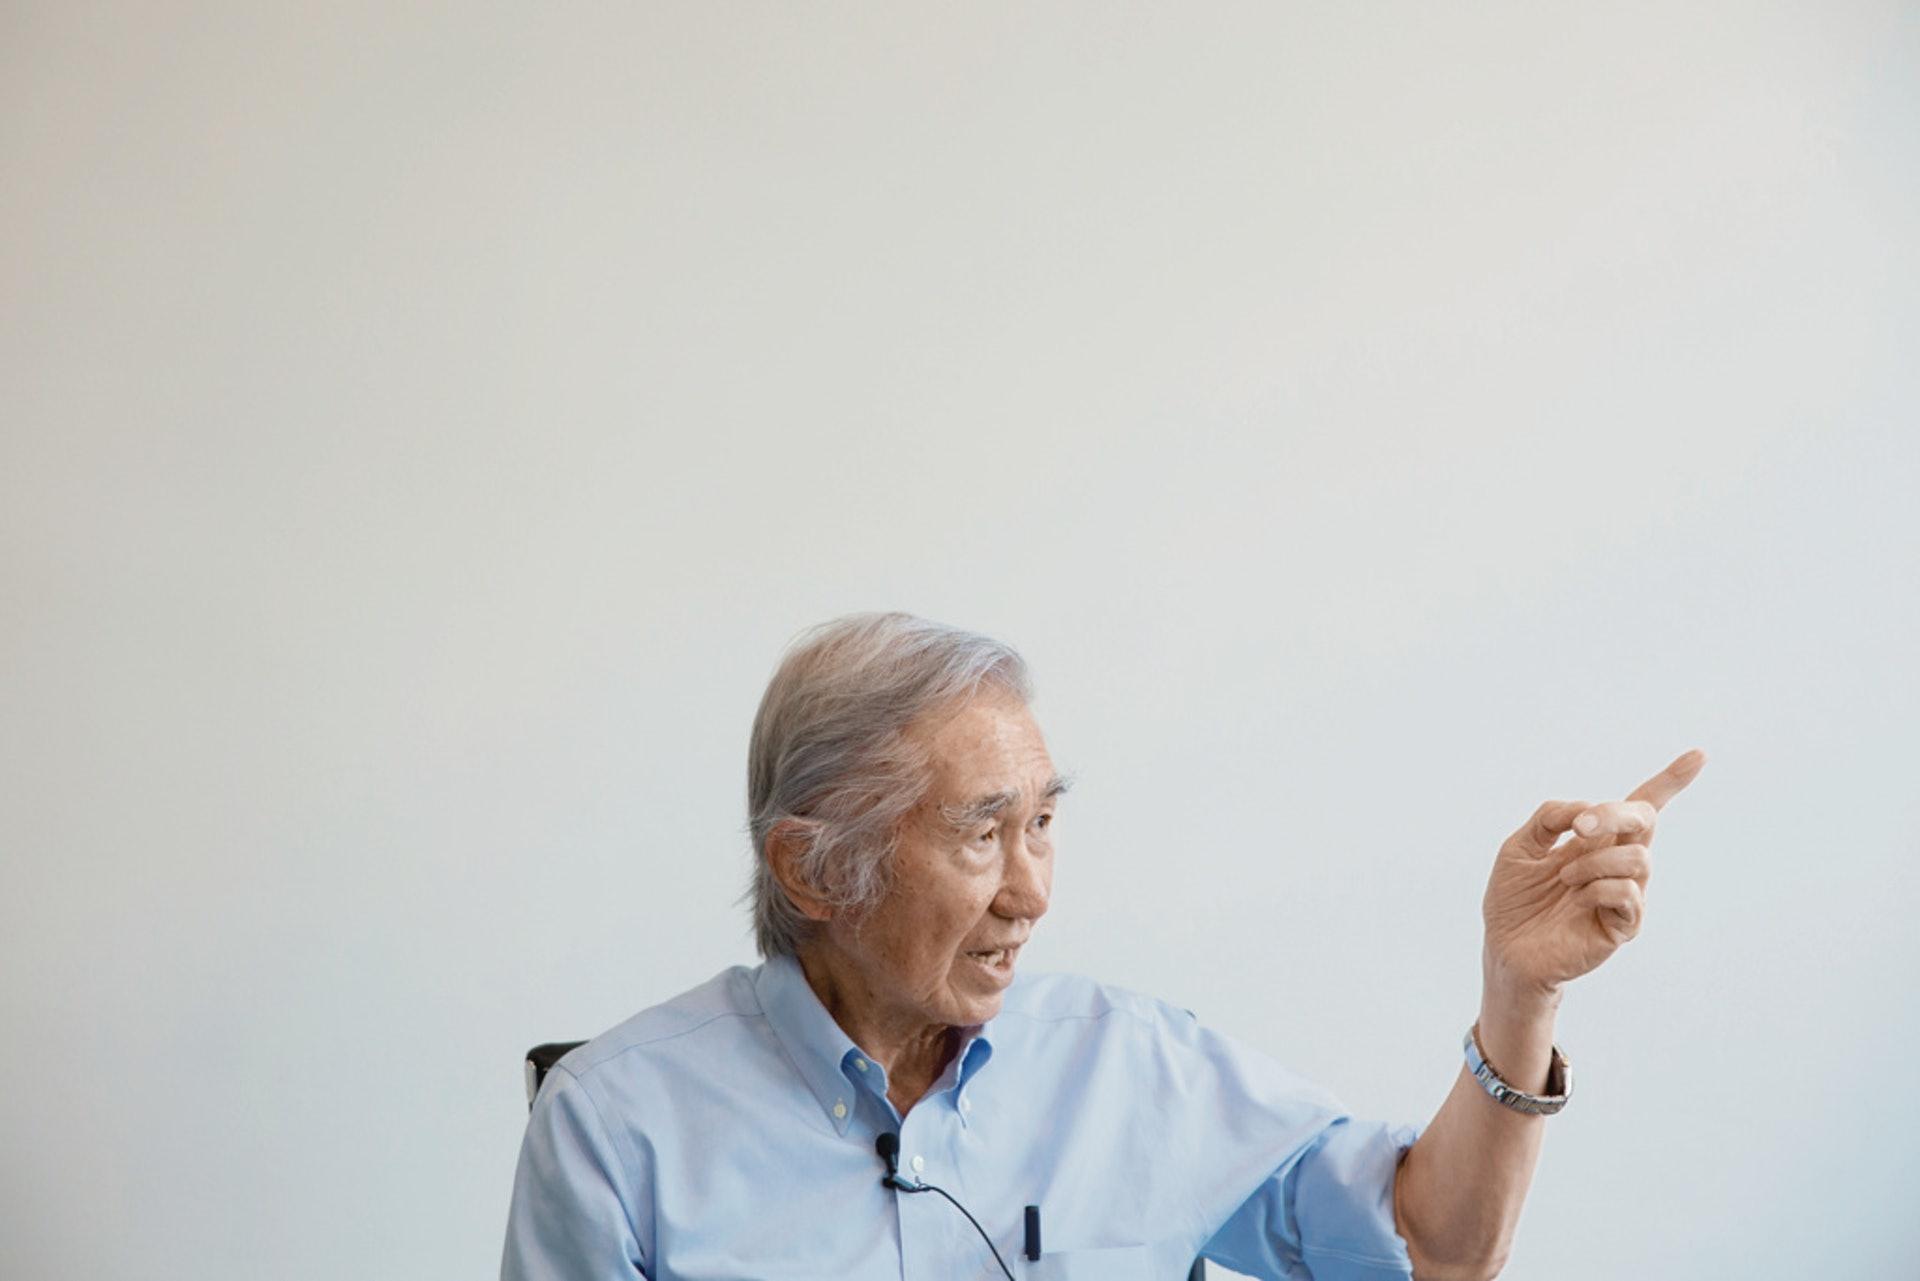 劉太格相信,「一個好的城市規劃,能讓幾十萬、幾百萬人得益。」(羅君豪攝)